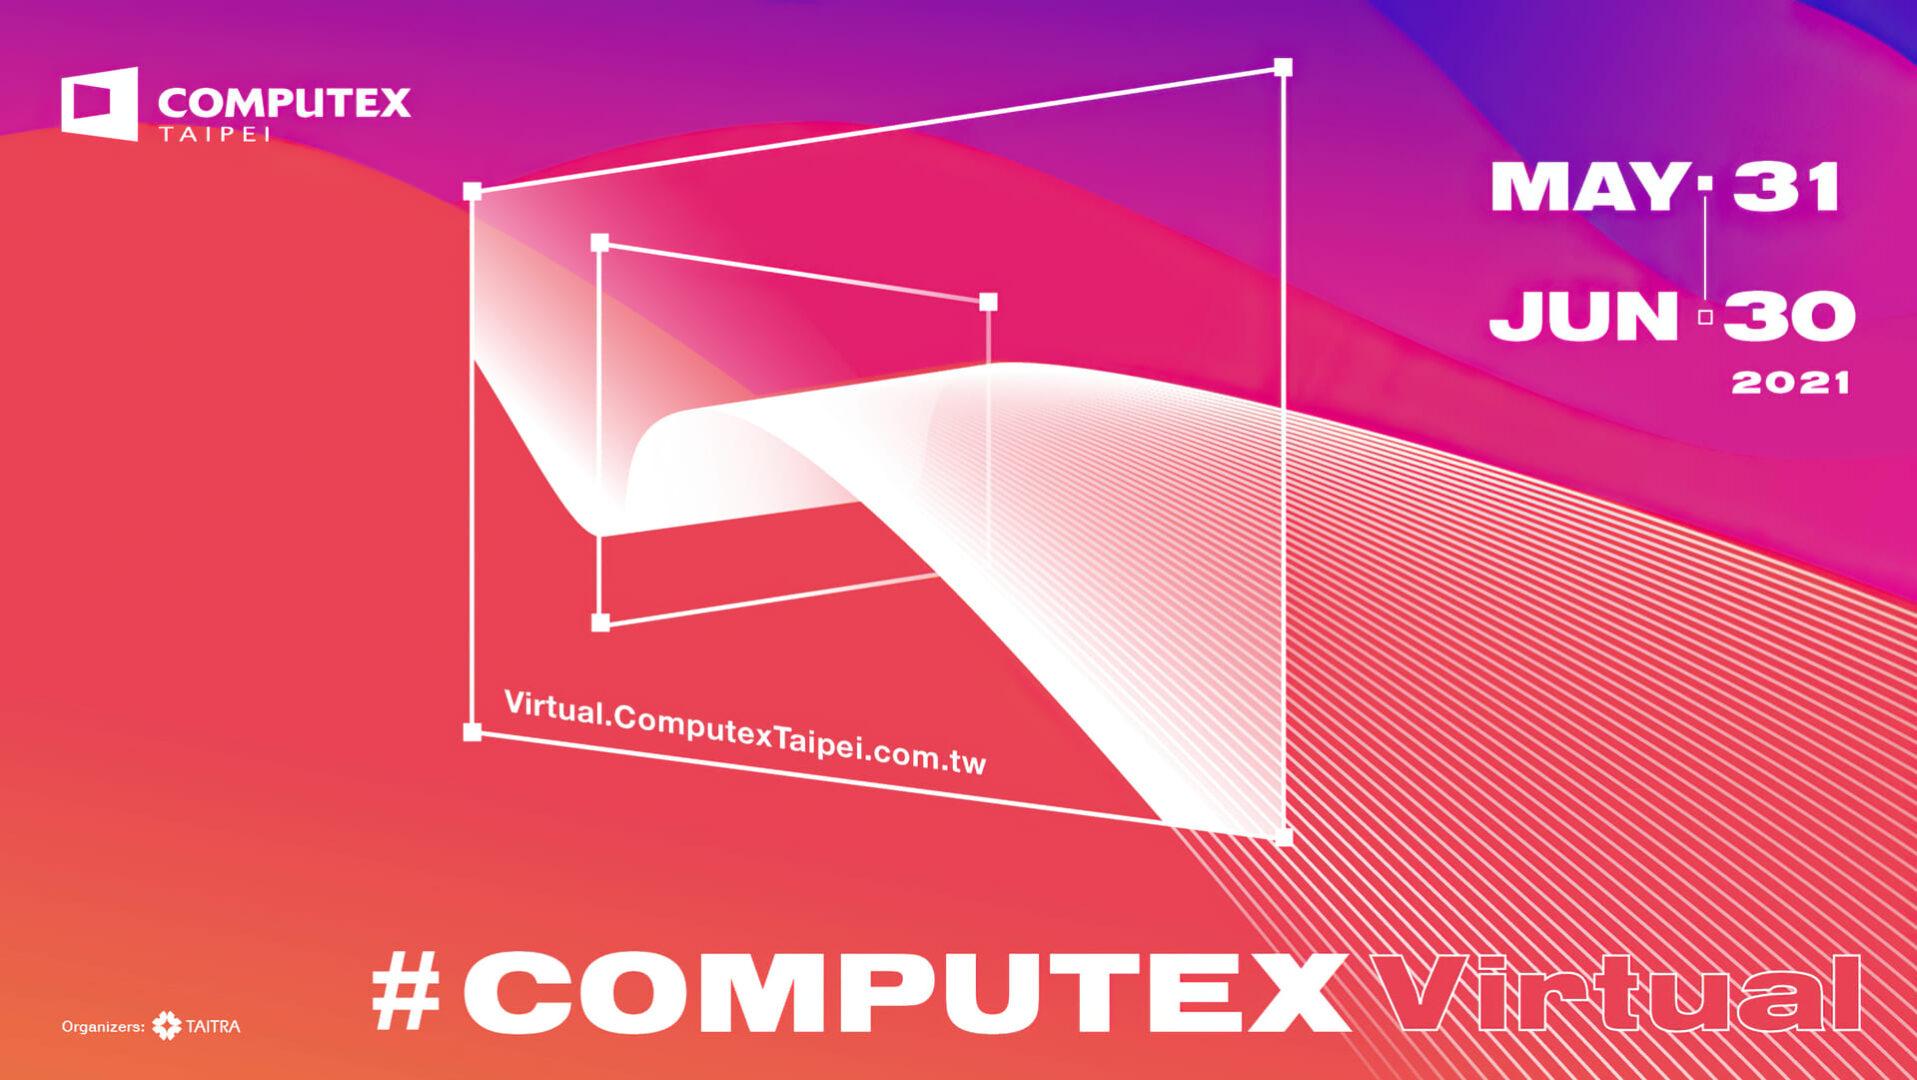 معرض Computex 2021 Hyprid قادم في 31 من يونيو الحالي بشكل جديد